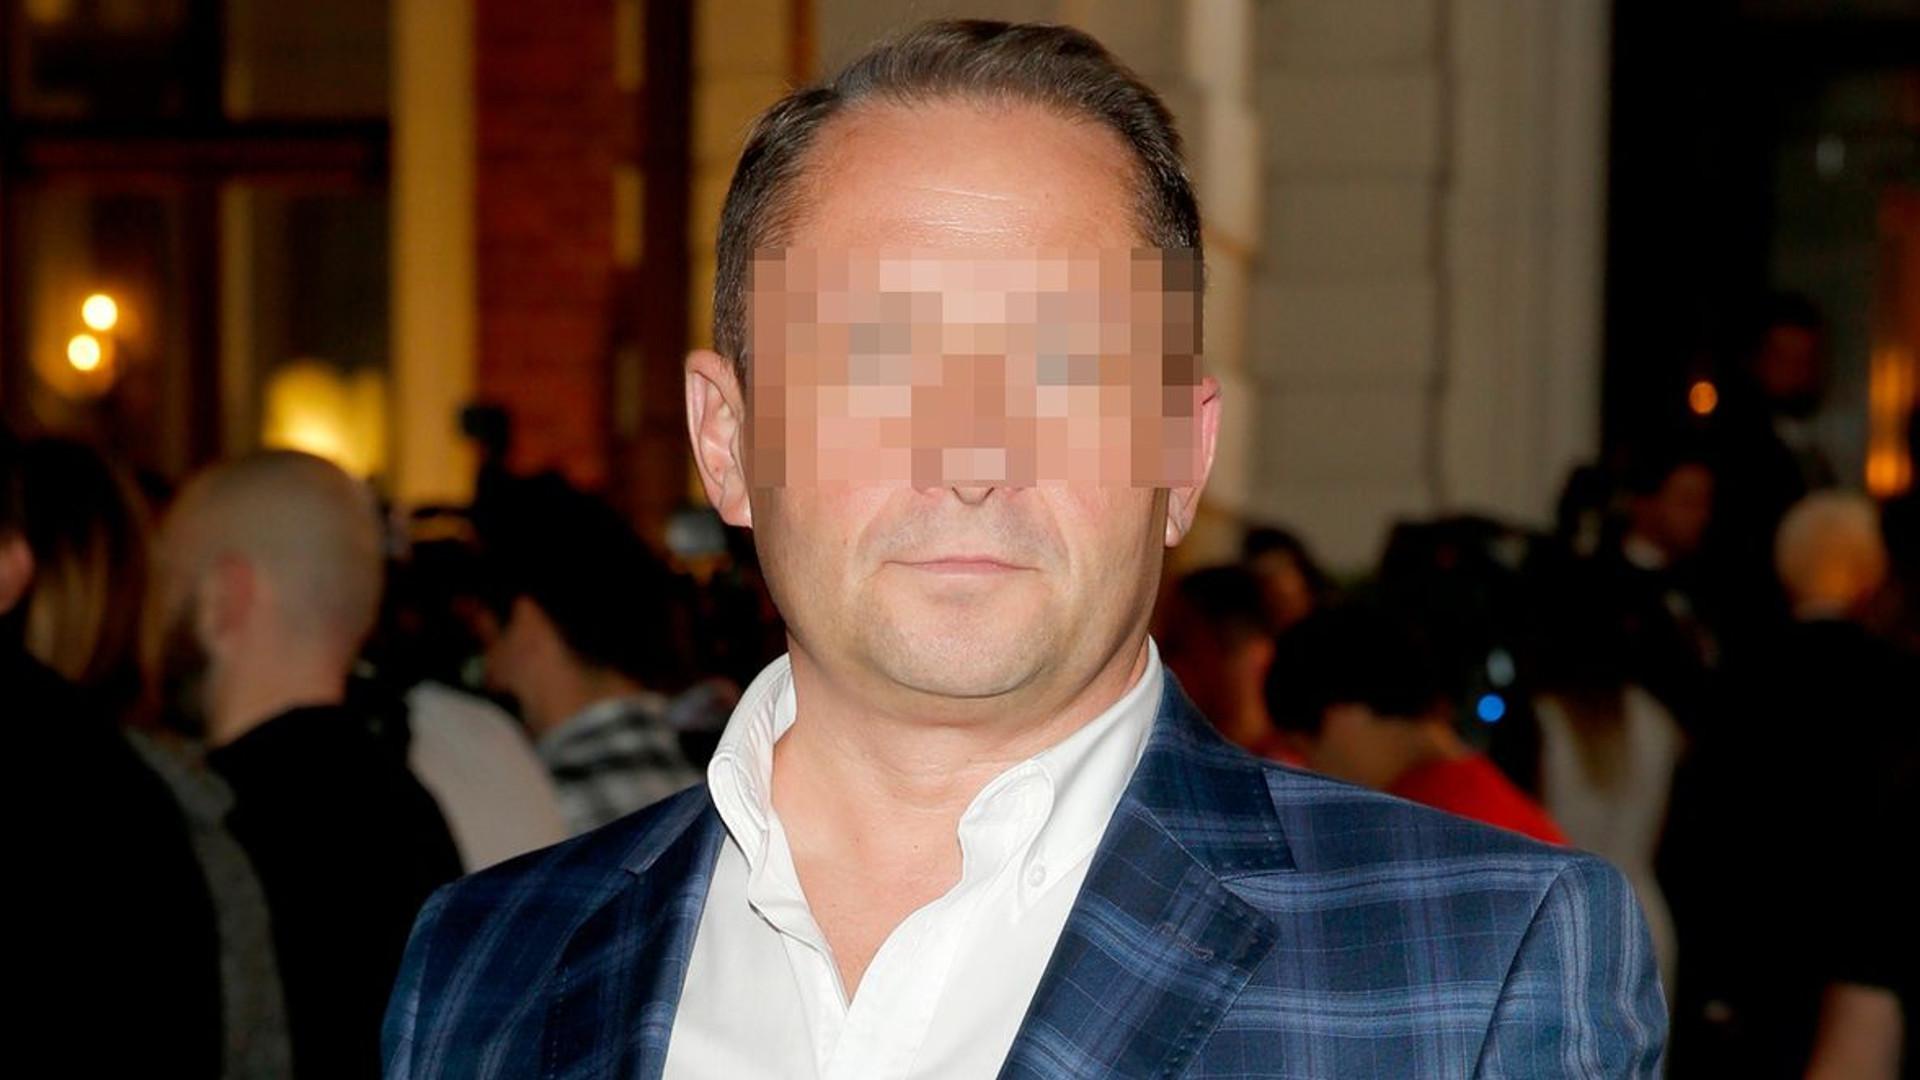 Znany dziennikarz, który pracował w TVN został zatrzymany przez policję. Oskarżono go o podrobienie podpisu!